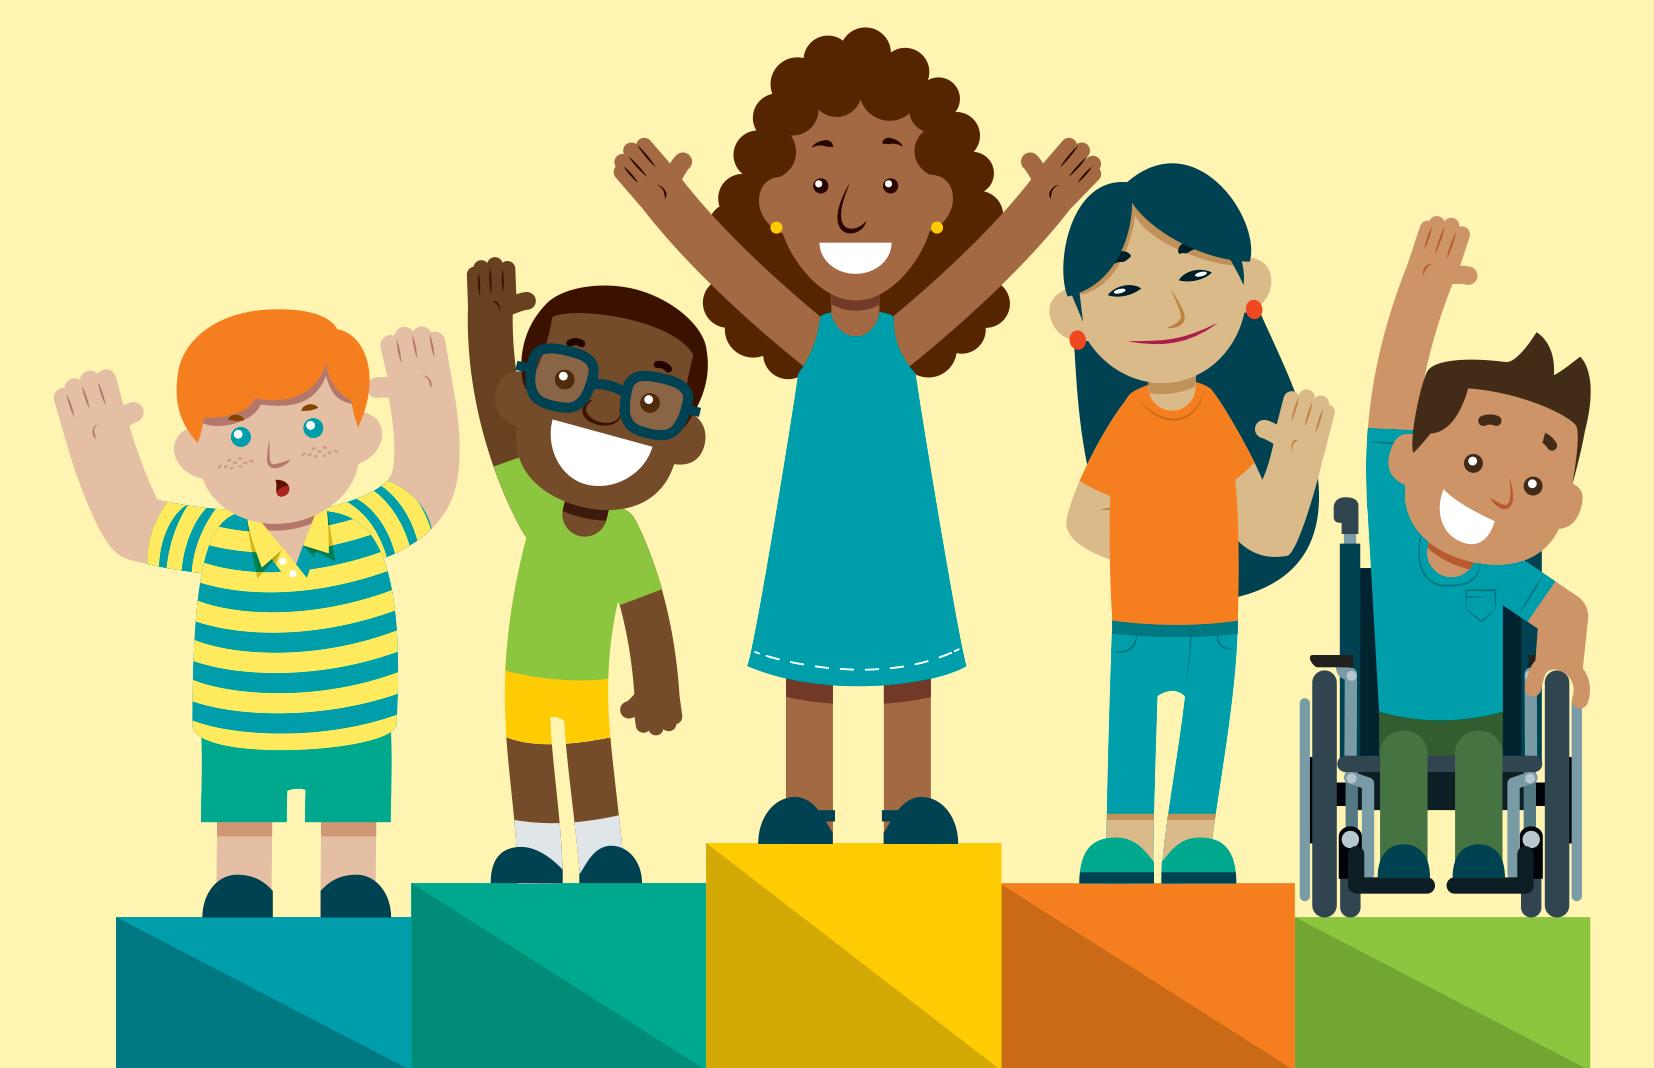 ilustração de pódio onde crianças diversas ocupam os cinco lugares de diferentes alturas.